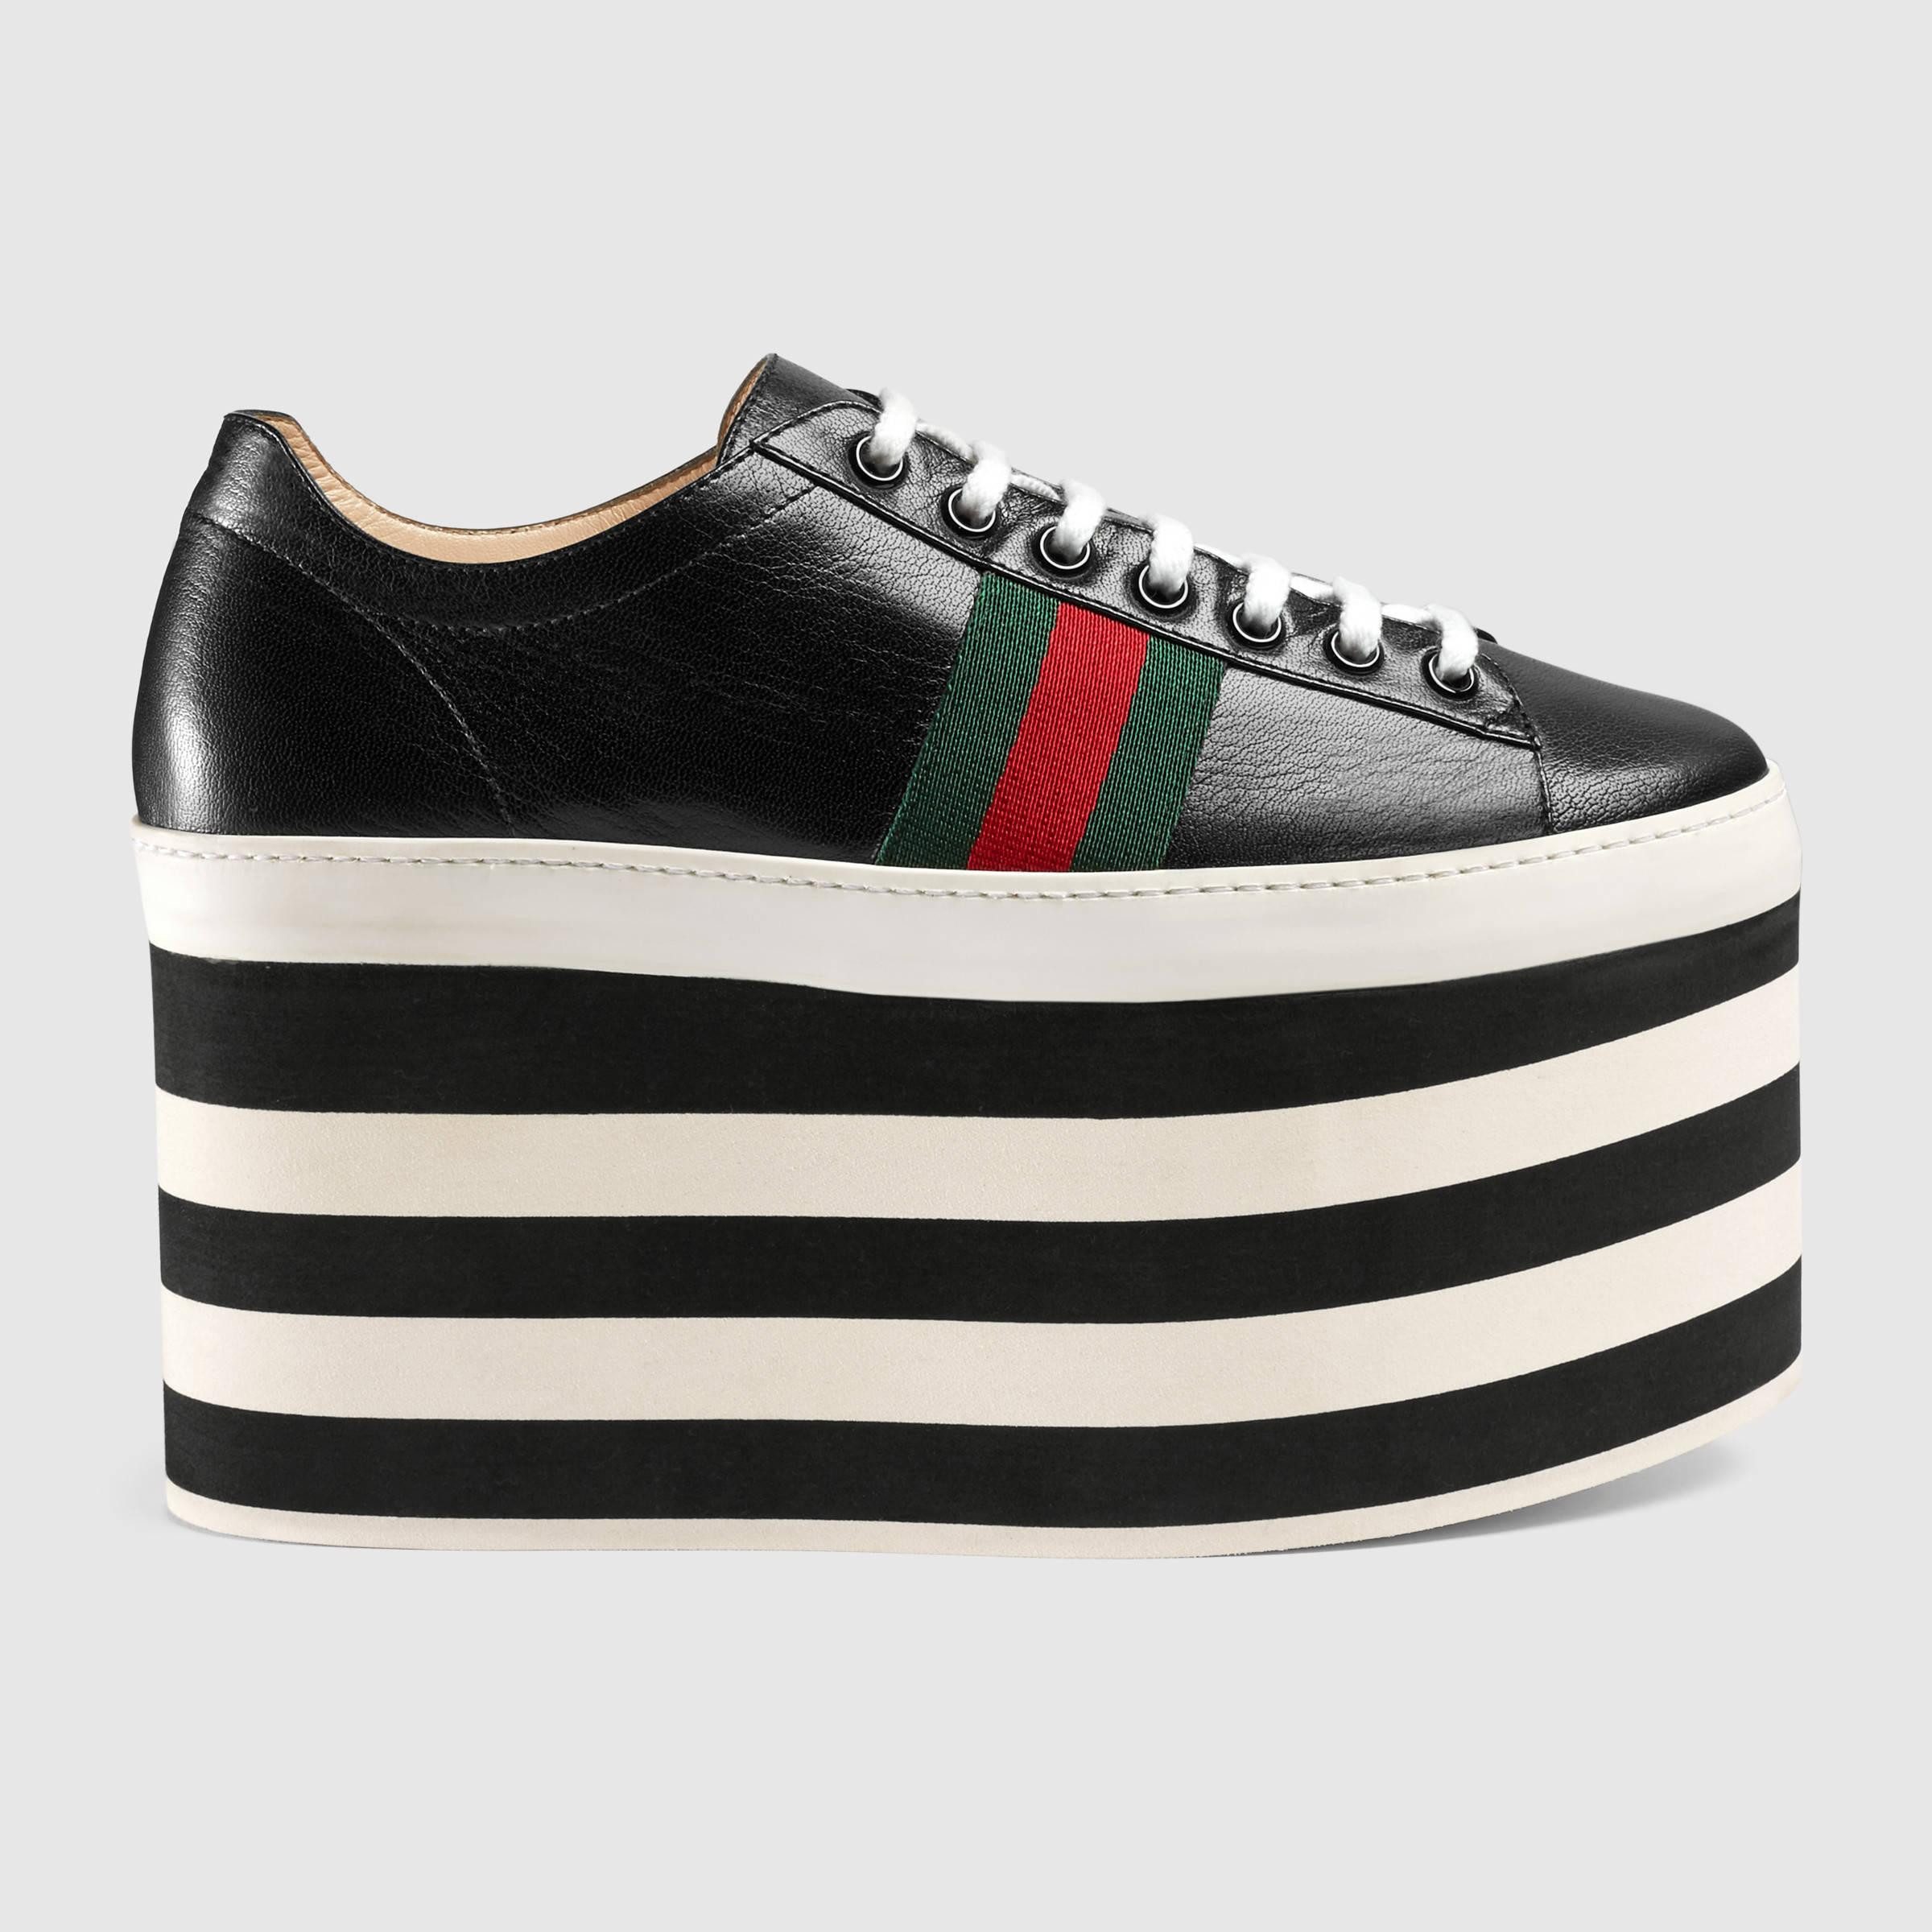 Gucci Platform Shoes On Sale